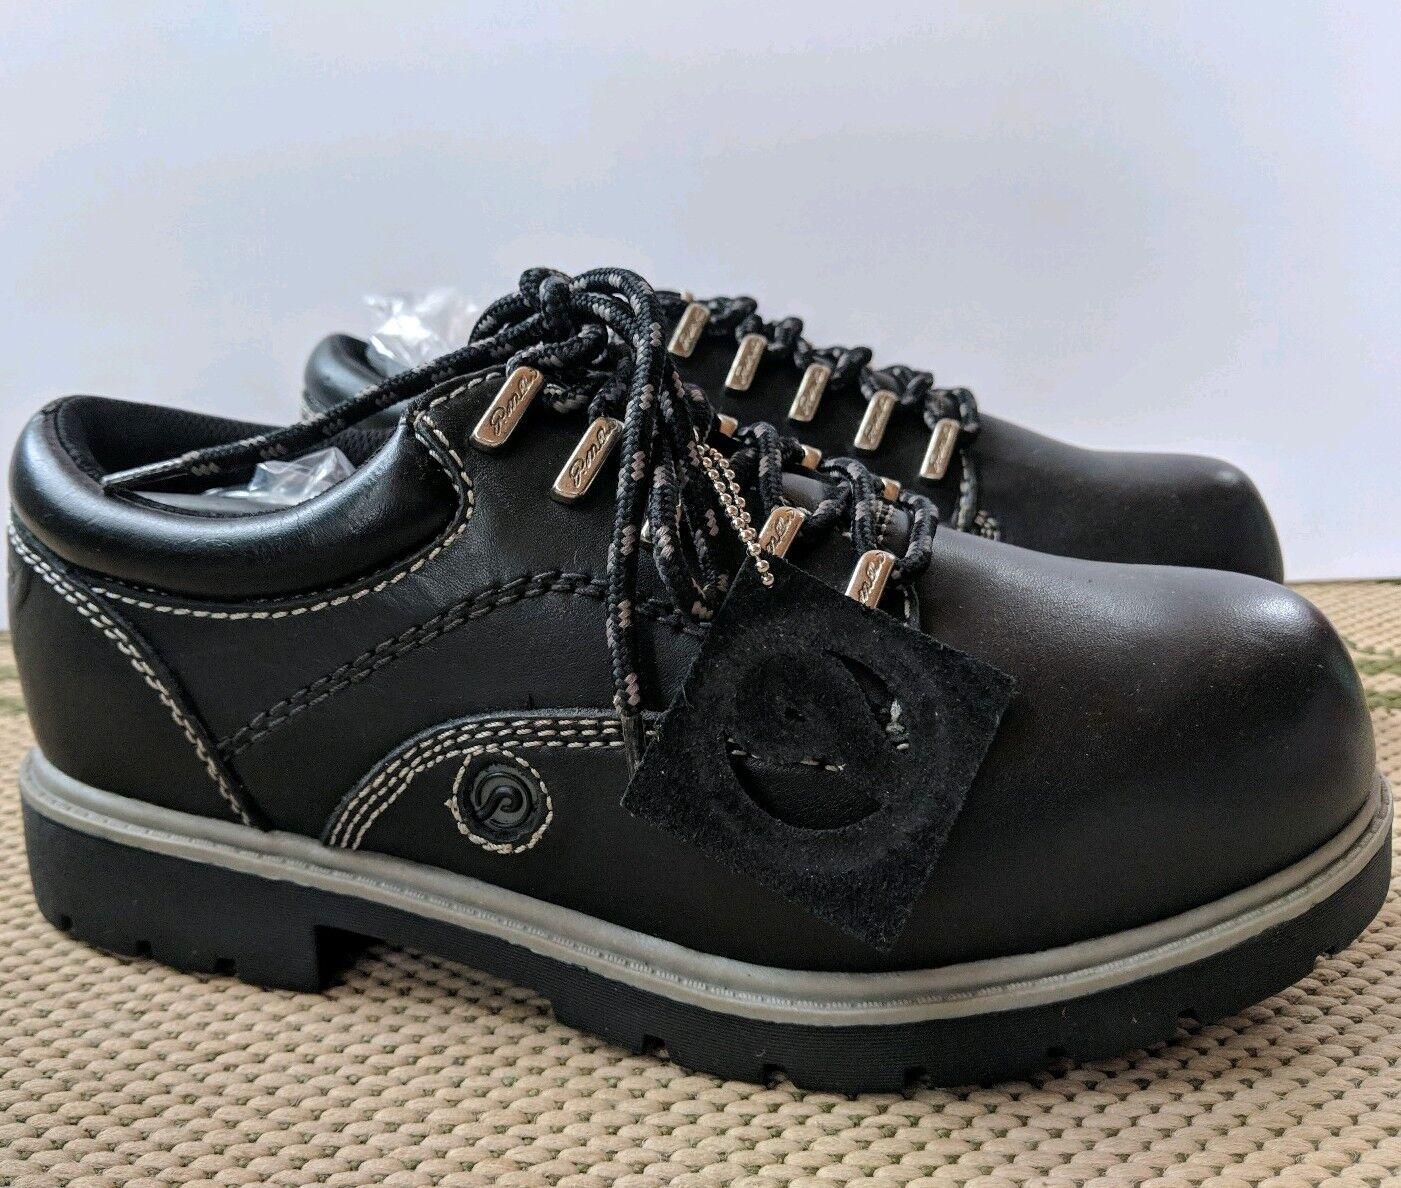 Nuevo En Caja Para Hombre botas De Cuero Negro P. Miller DECEPTOR